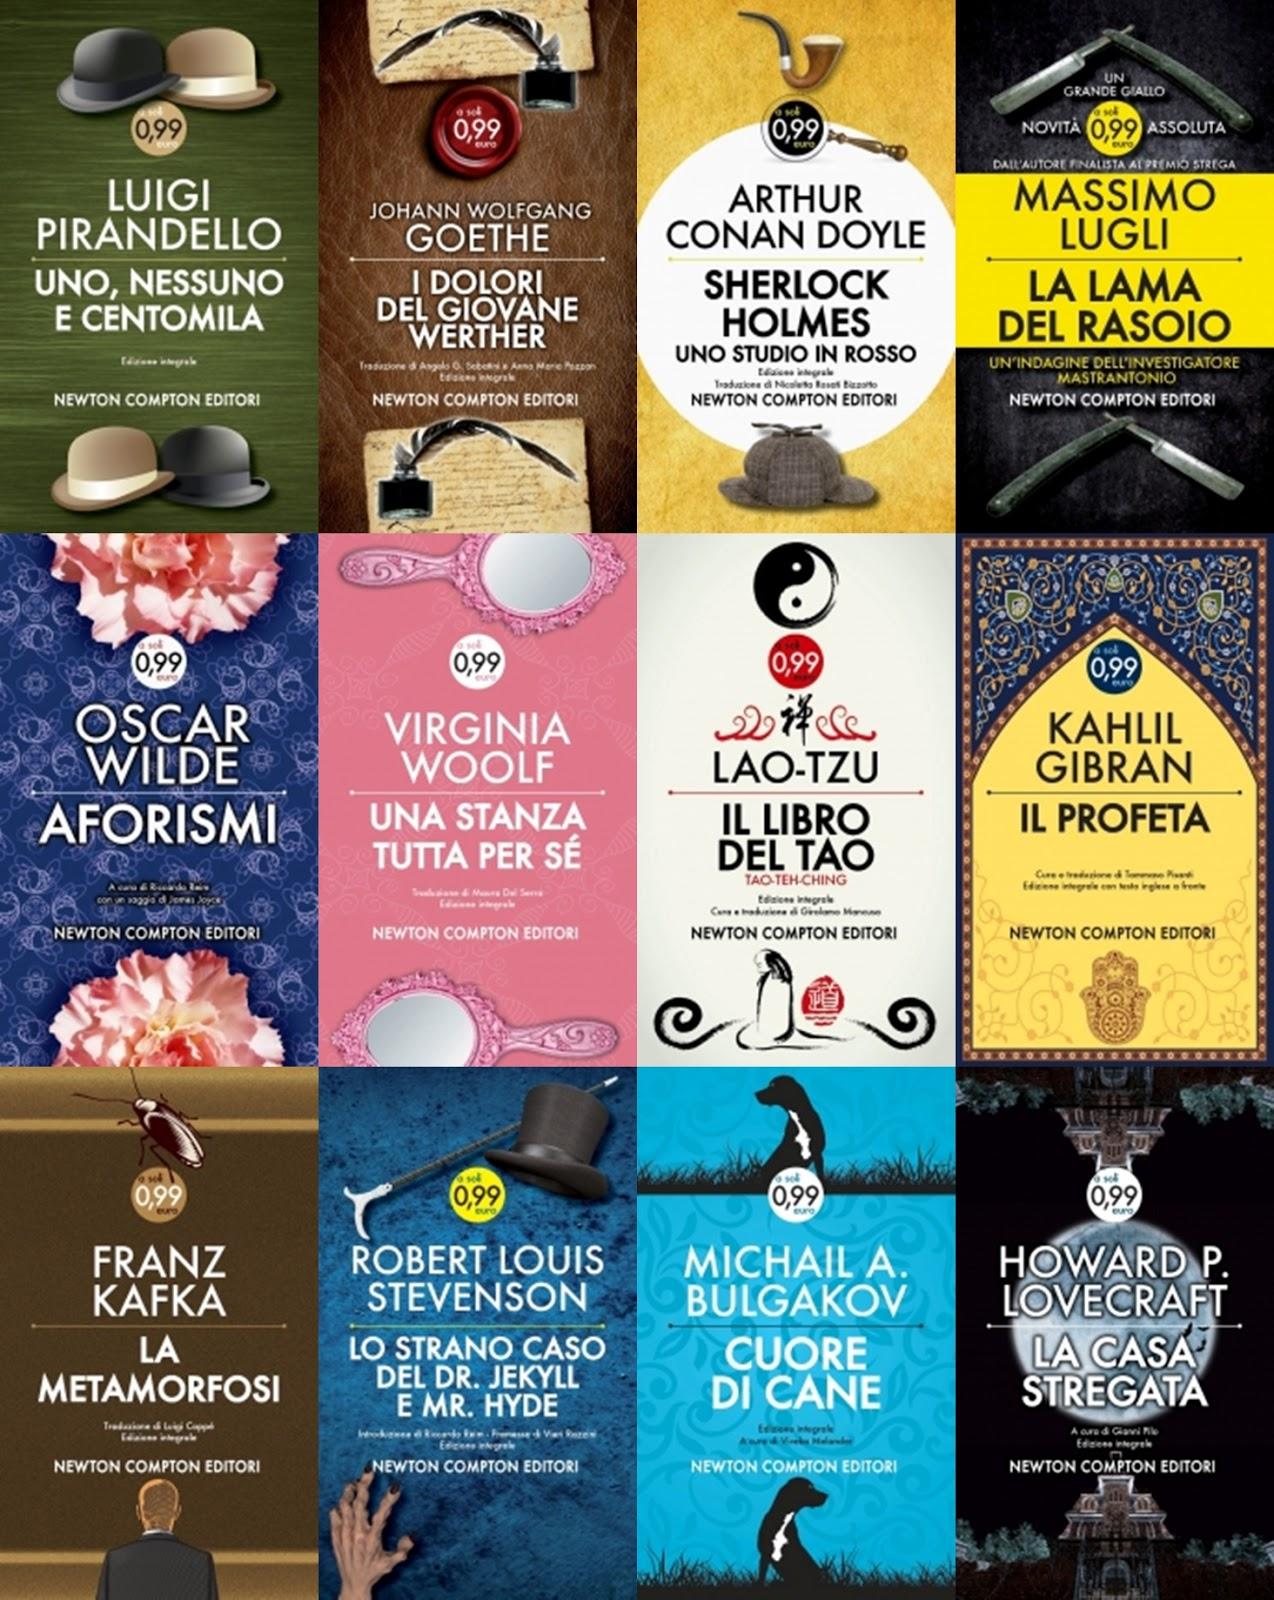 newton compton  Corvosità: Nuovi titoli libri Newton Compton Editore, collana LIVE a ...